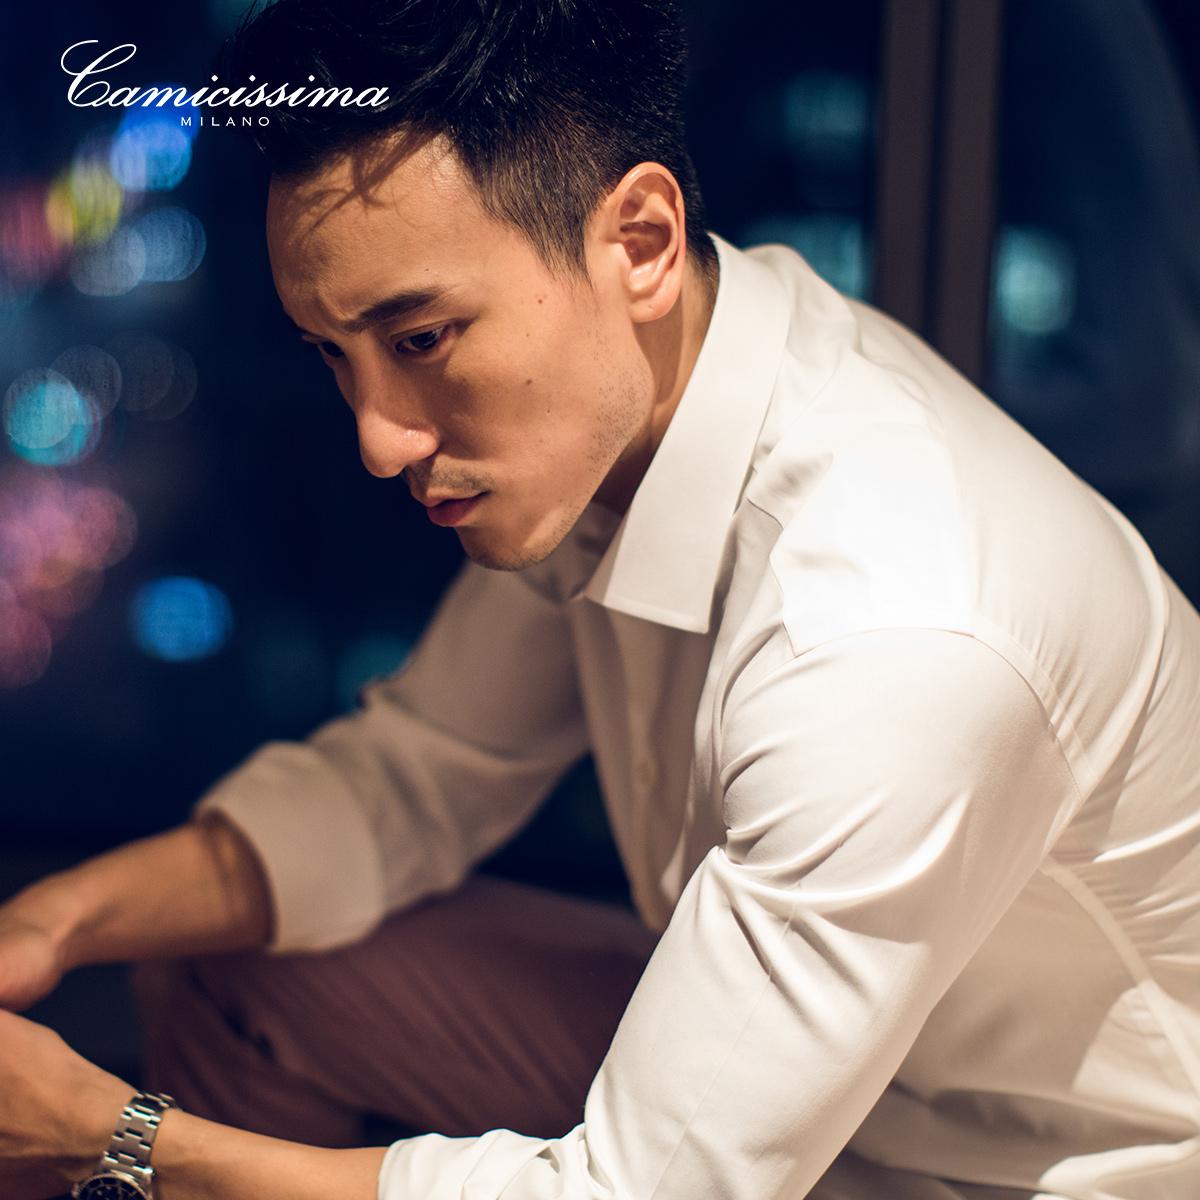 恺米切青年男士商务免烫长袖衬衫 韩版时尚修身白色衬衣秋冬款